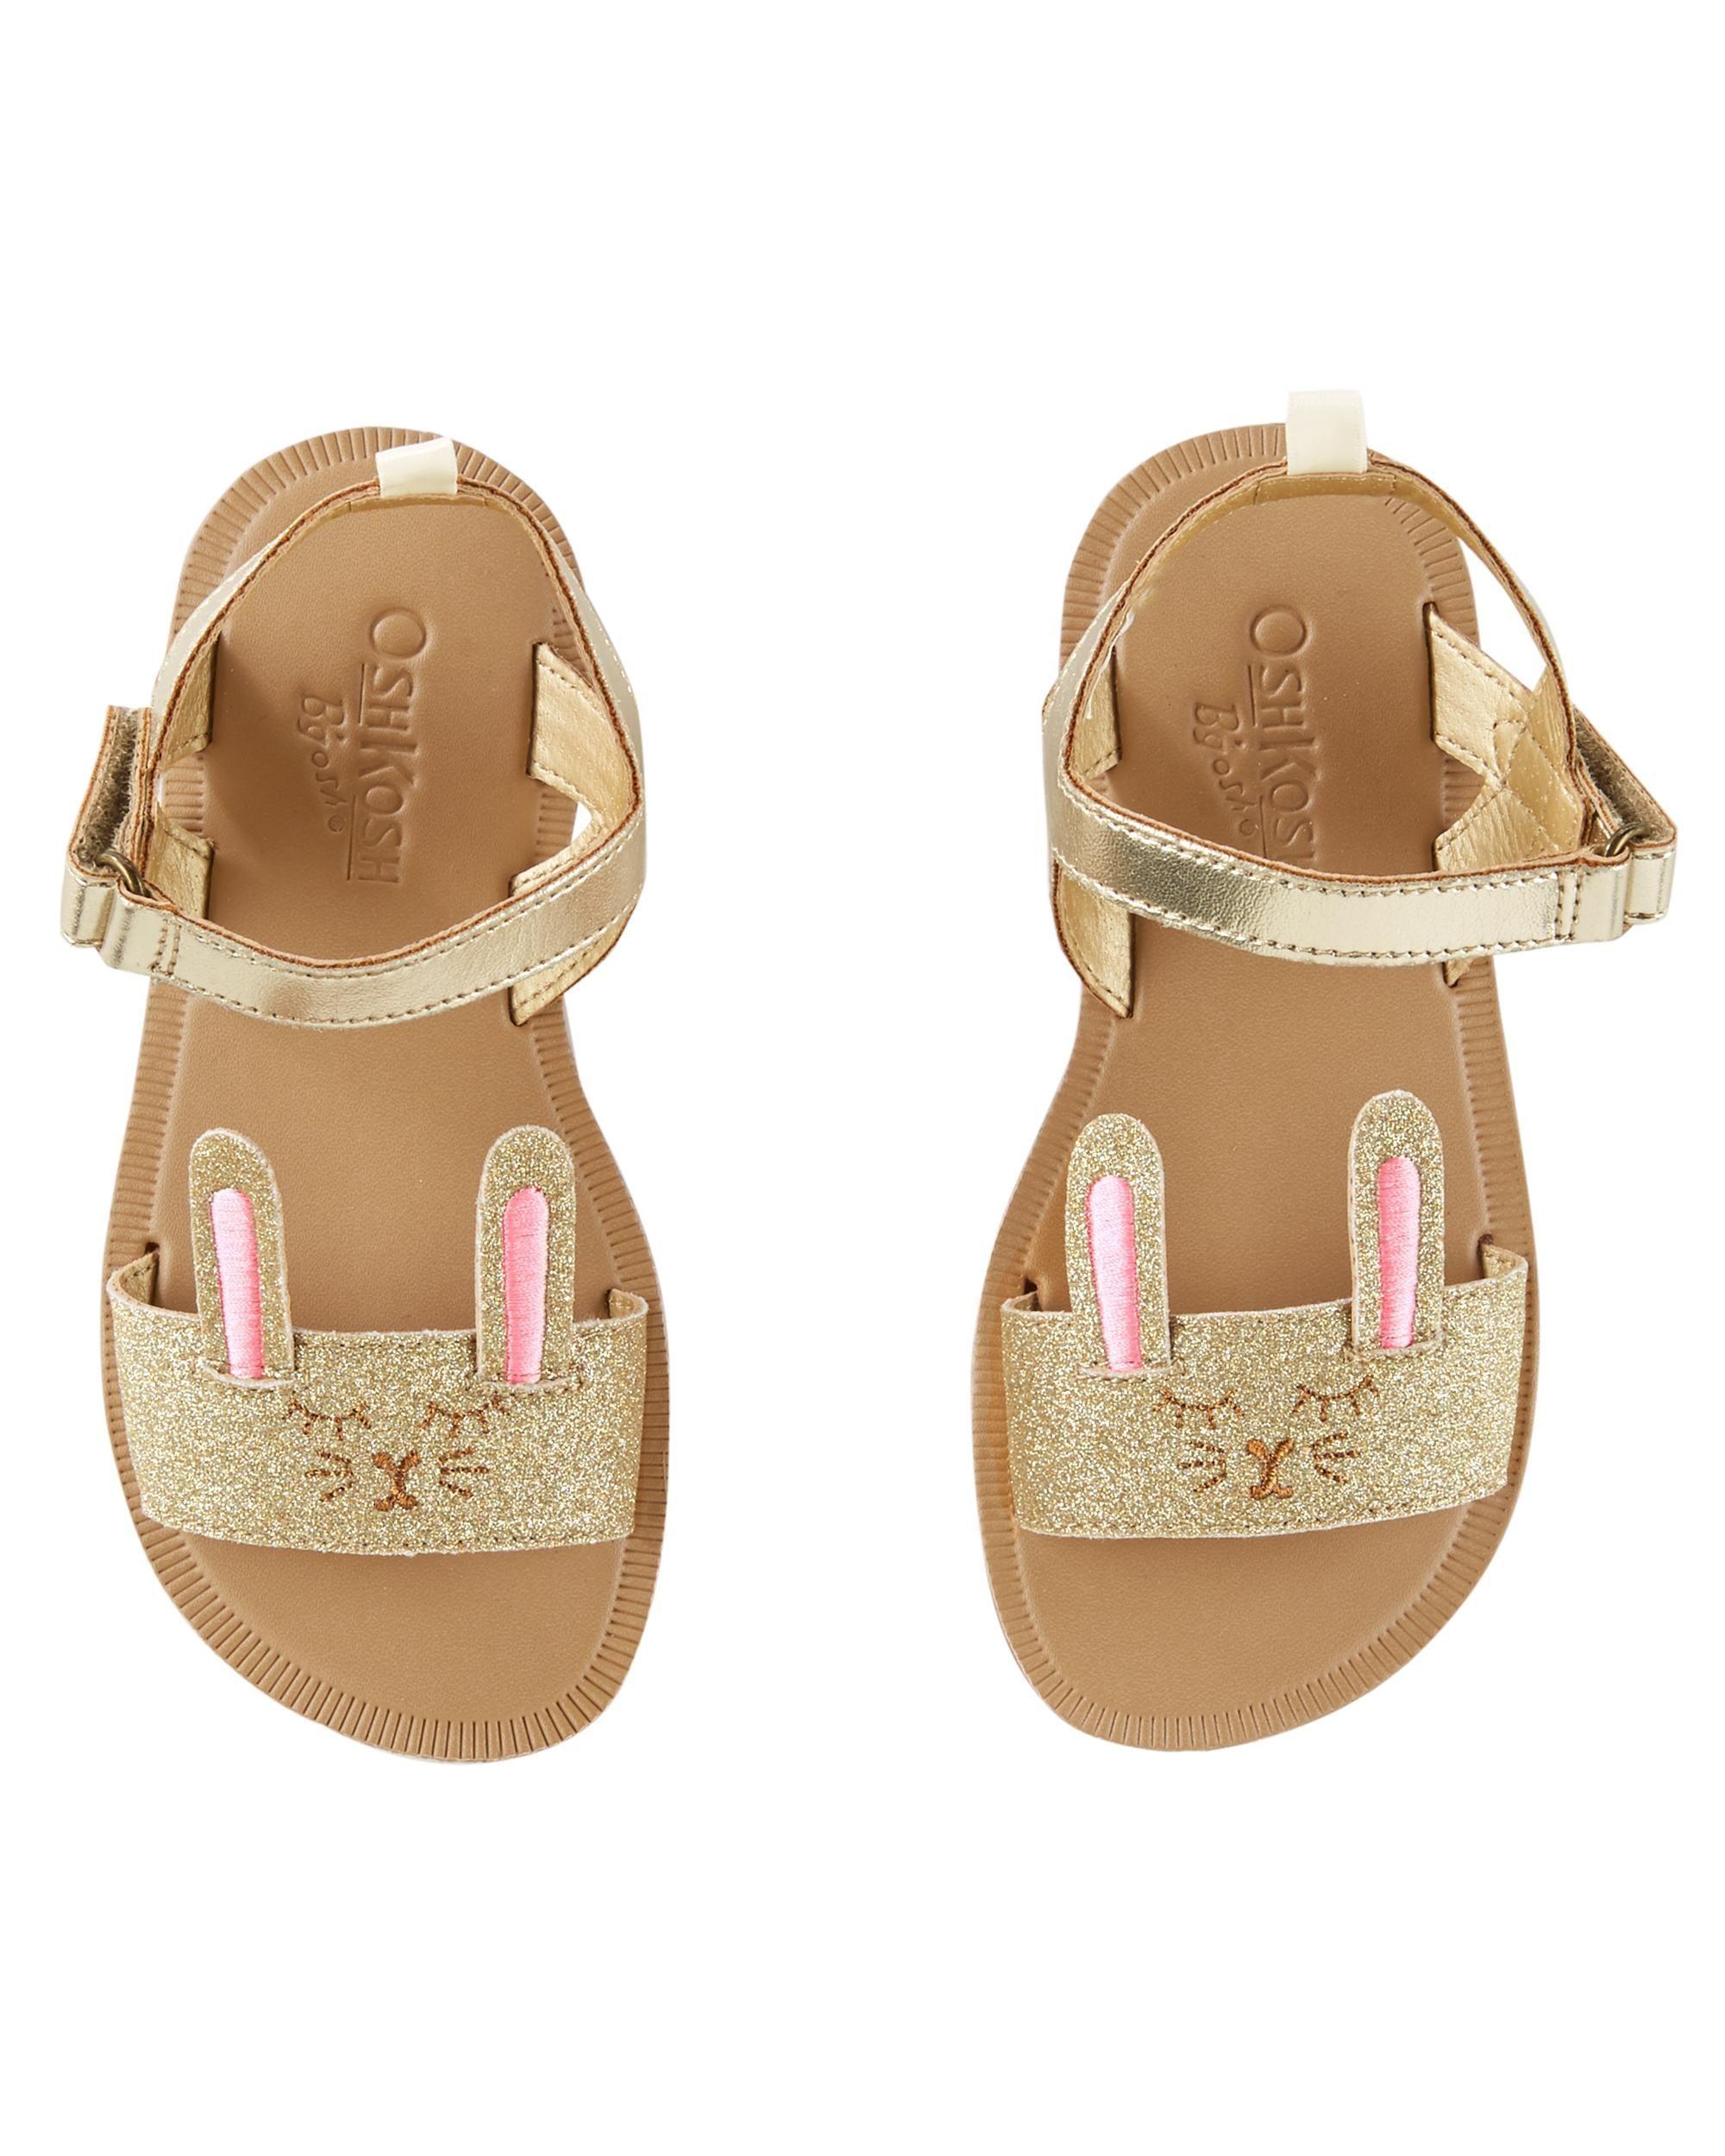 5f312cf52b0b OshKosh Bunny Sandals